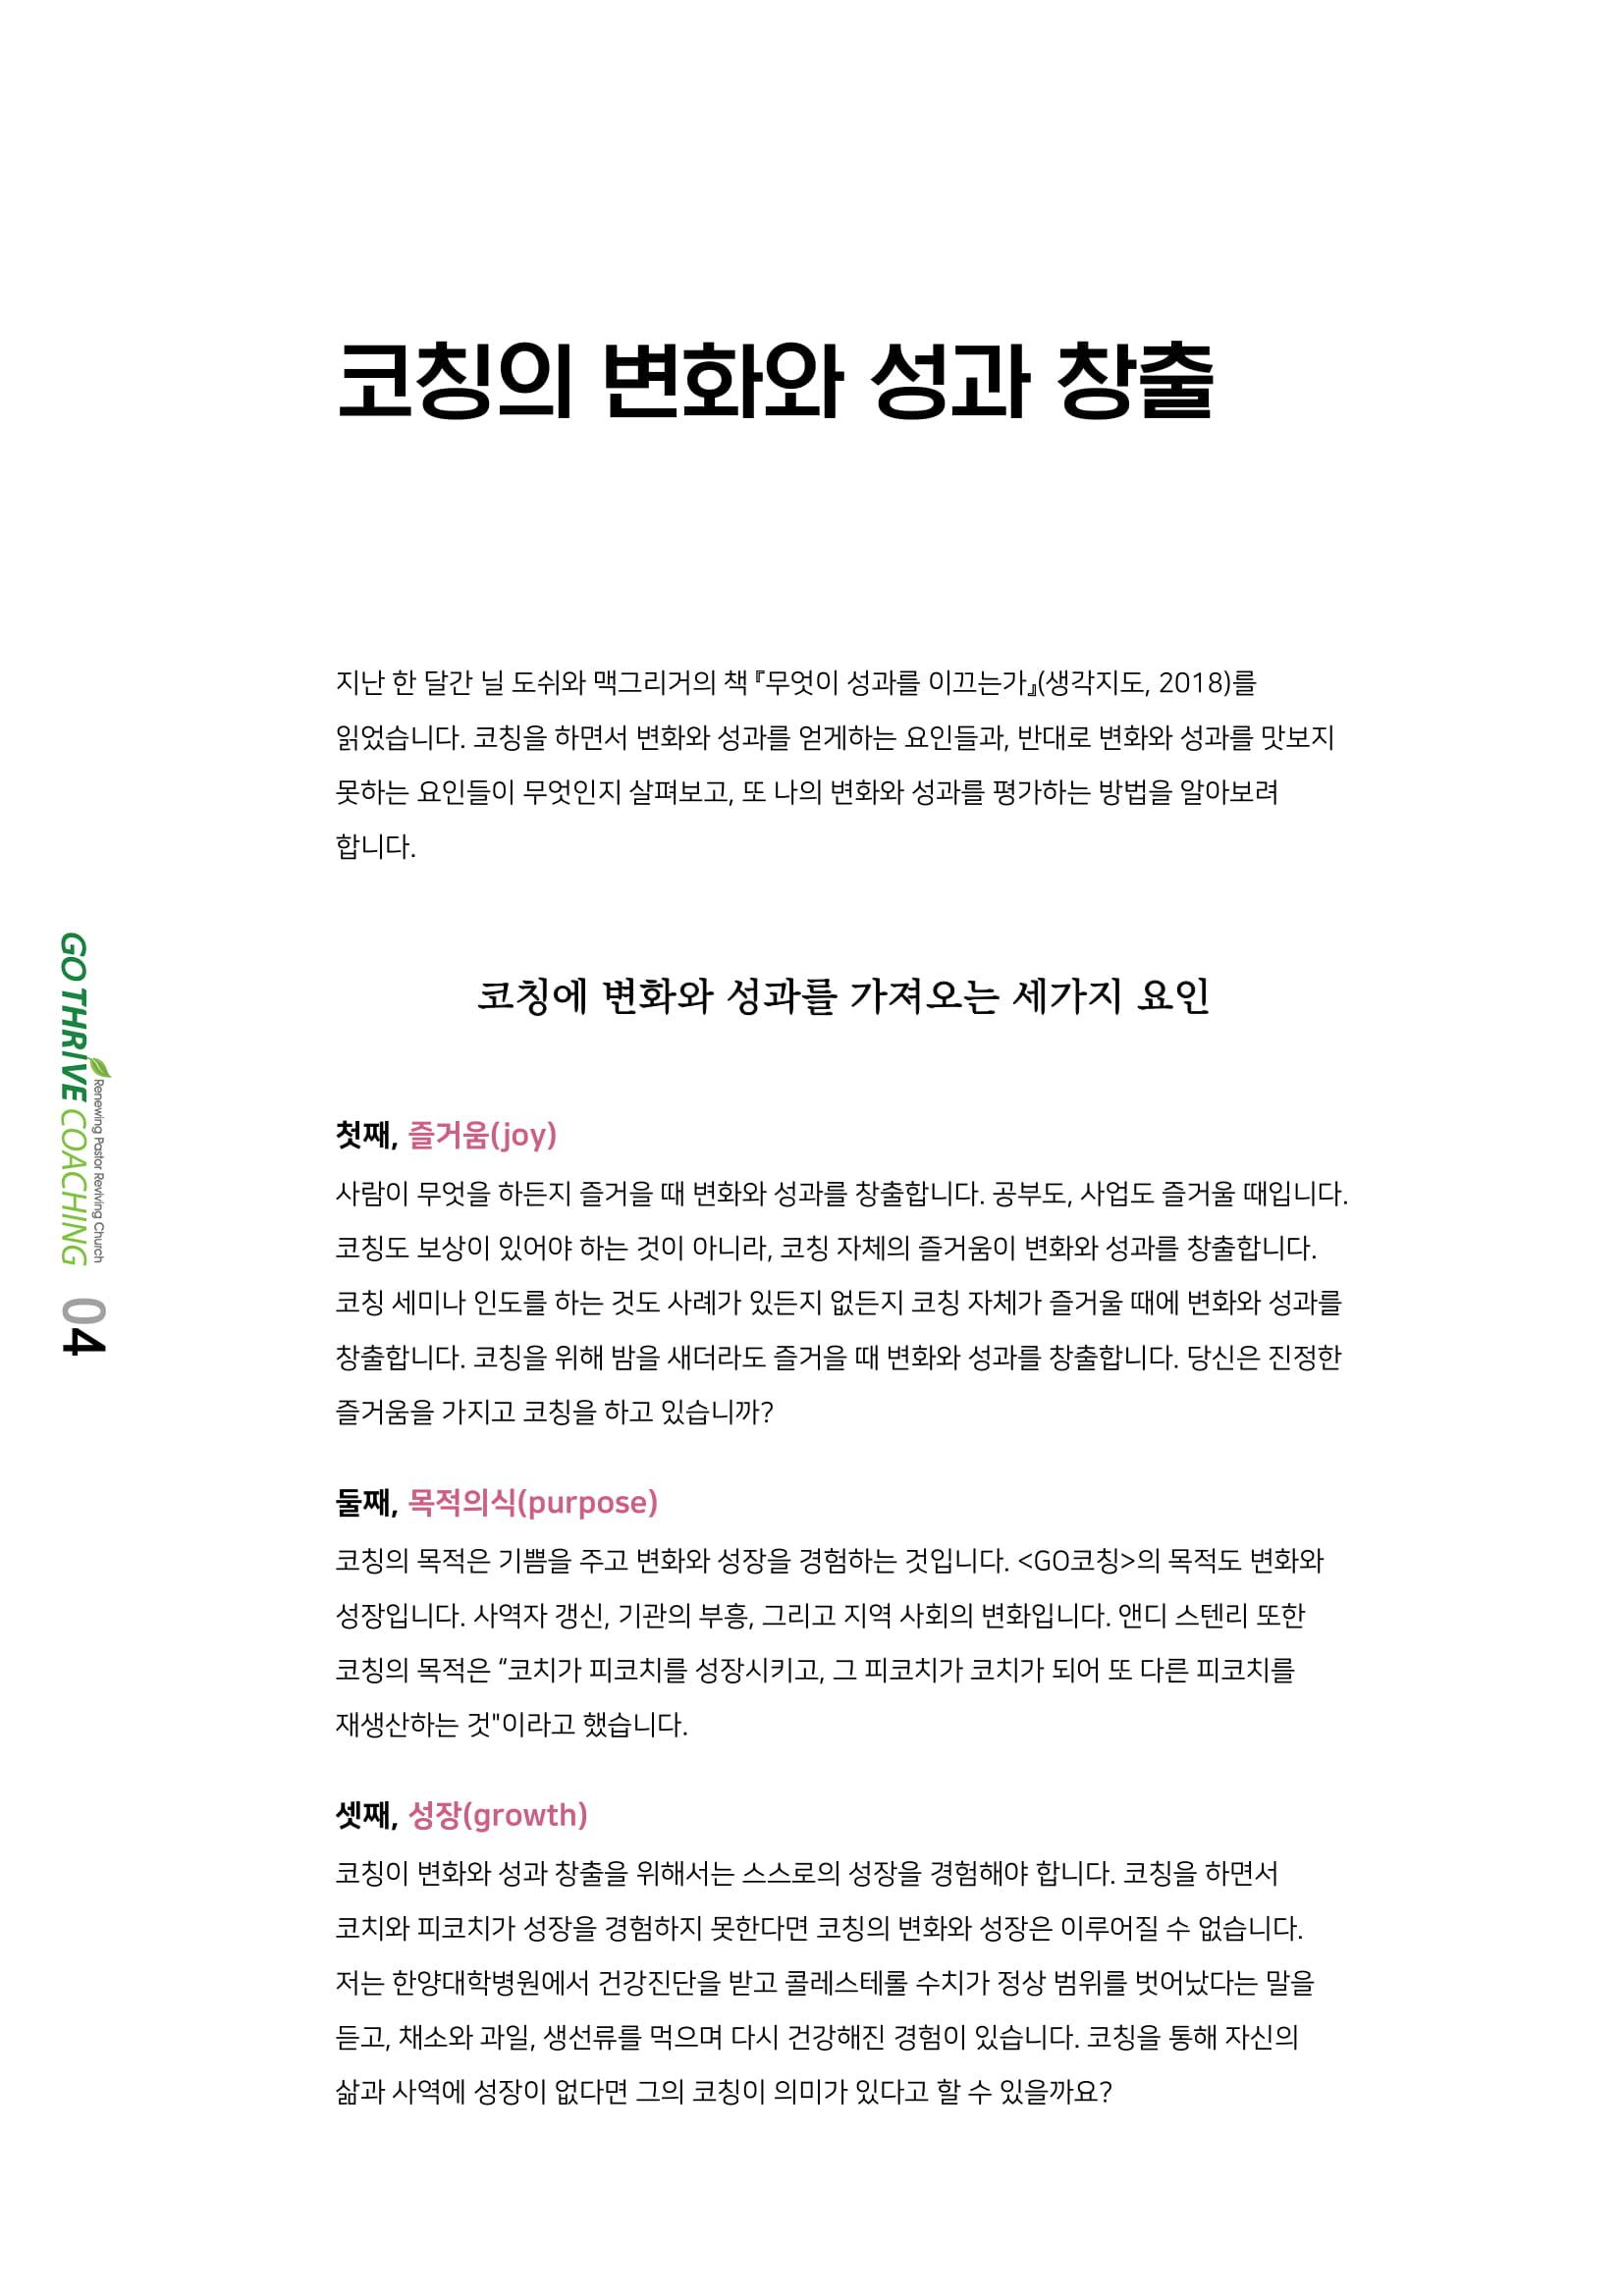 13. 코칭의 변화와 성과 창출-1.jpg